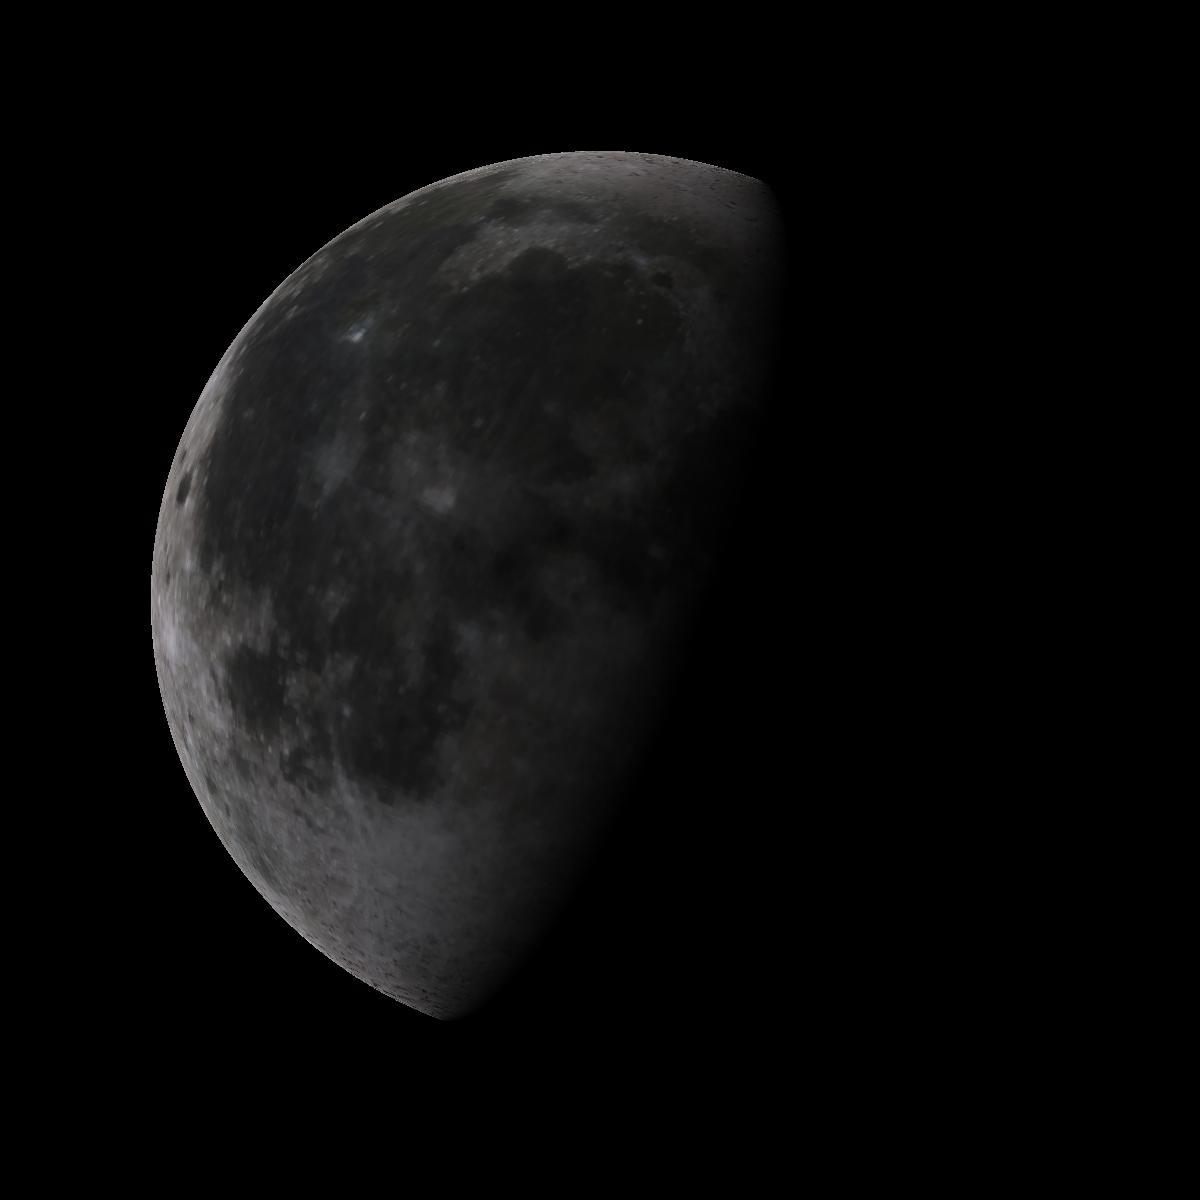 Lune du 12 juin 2020